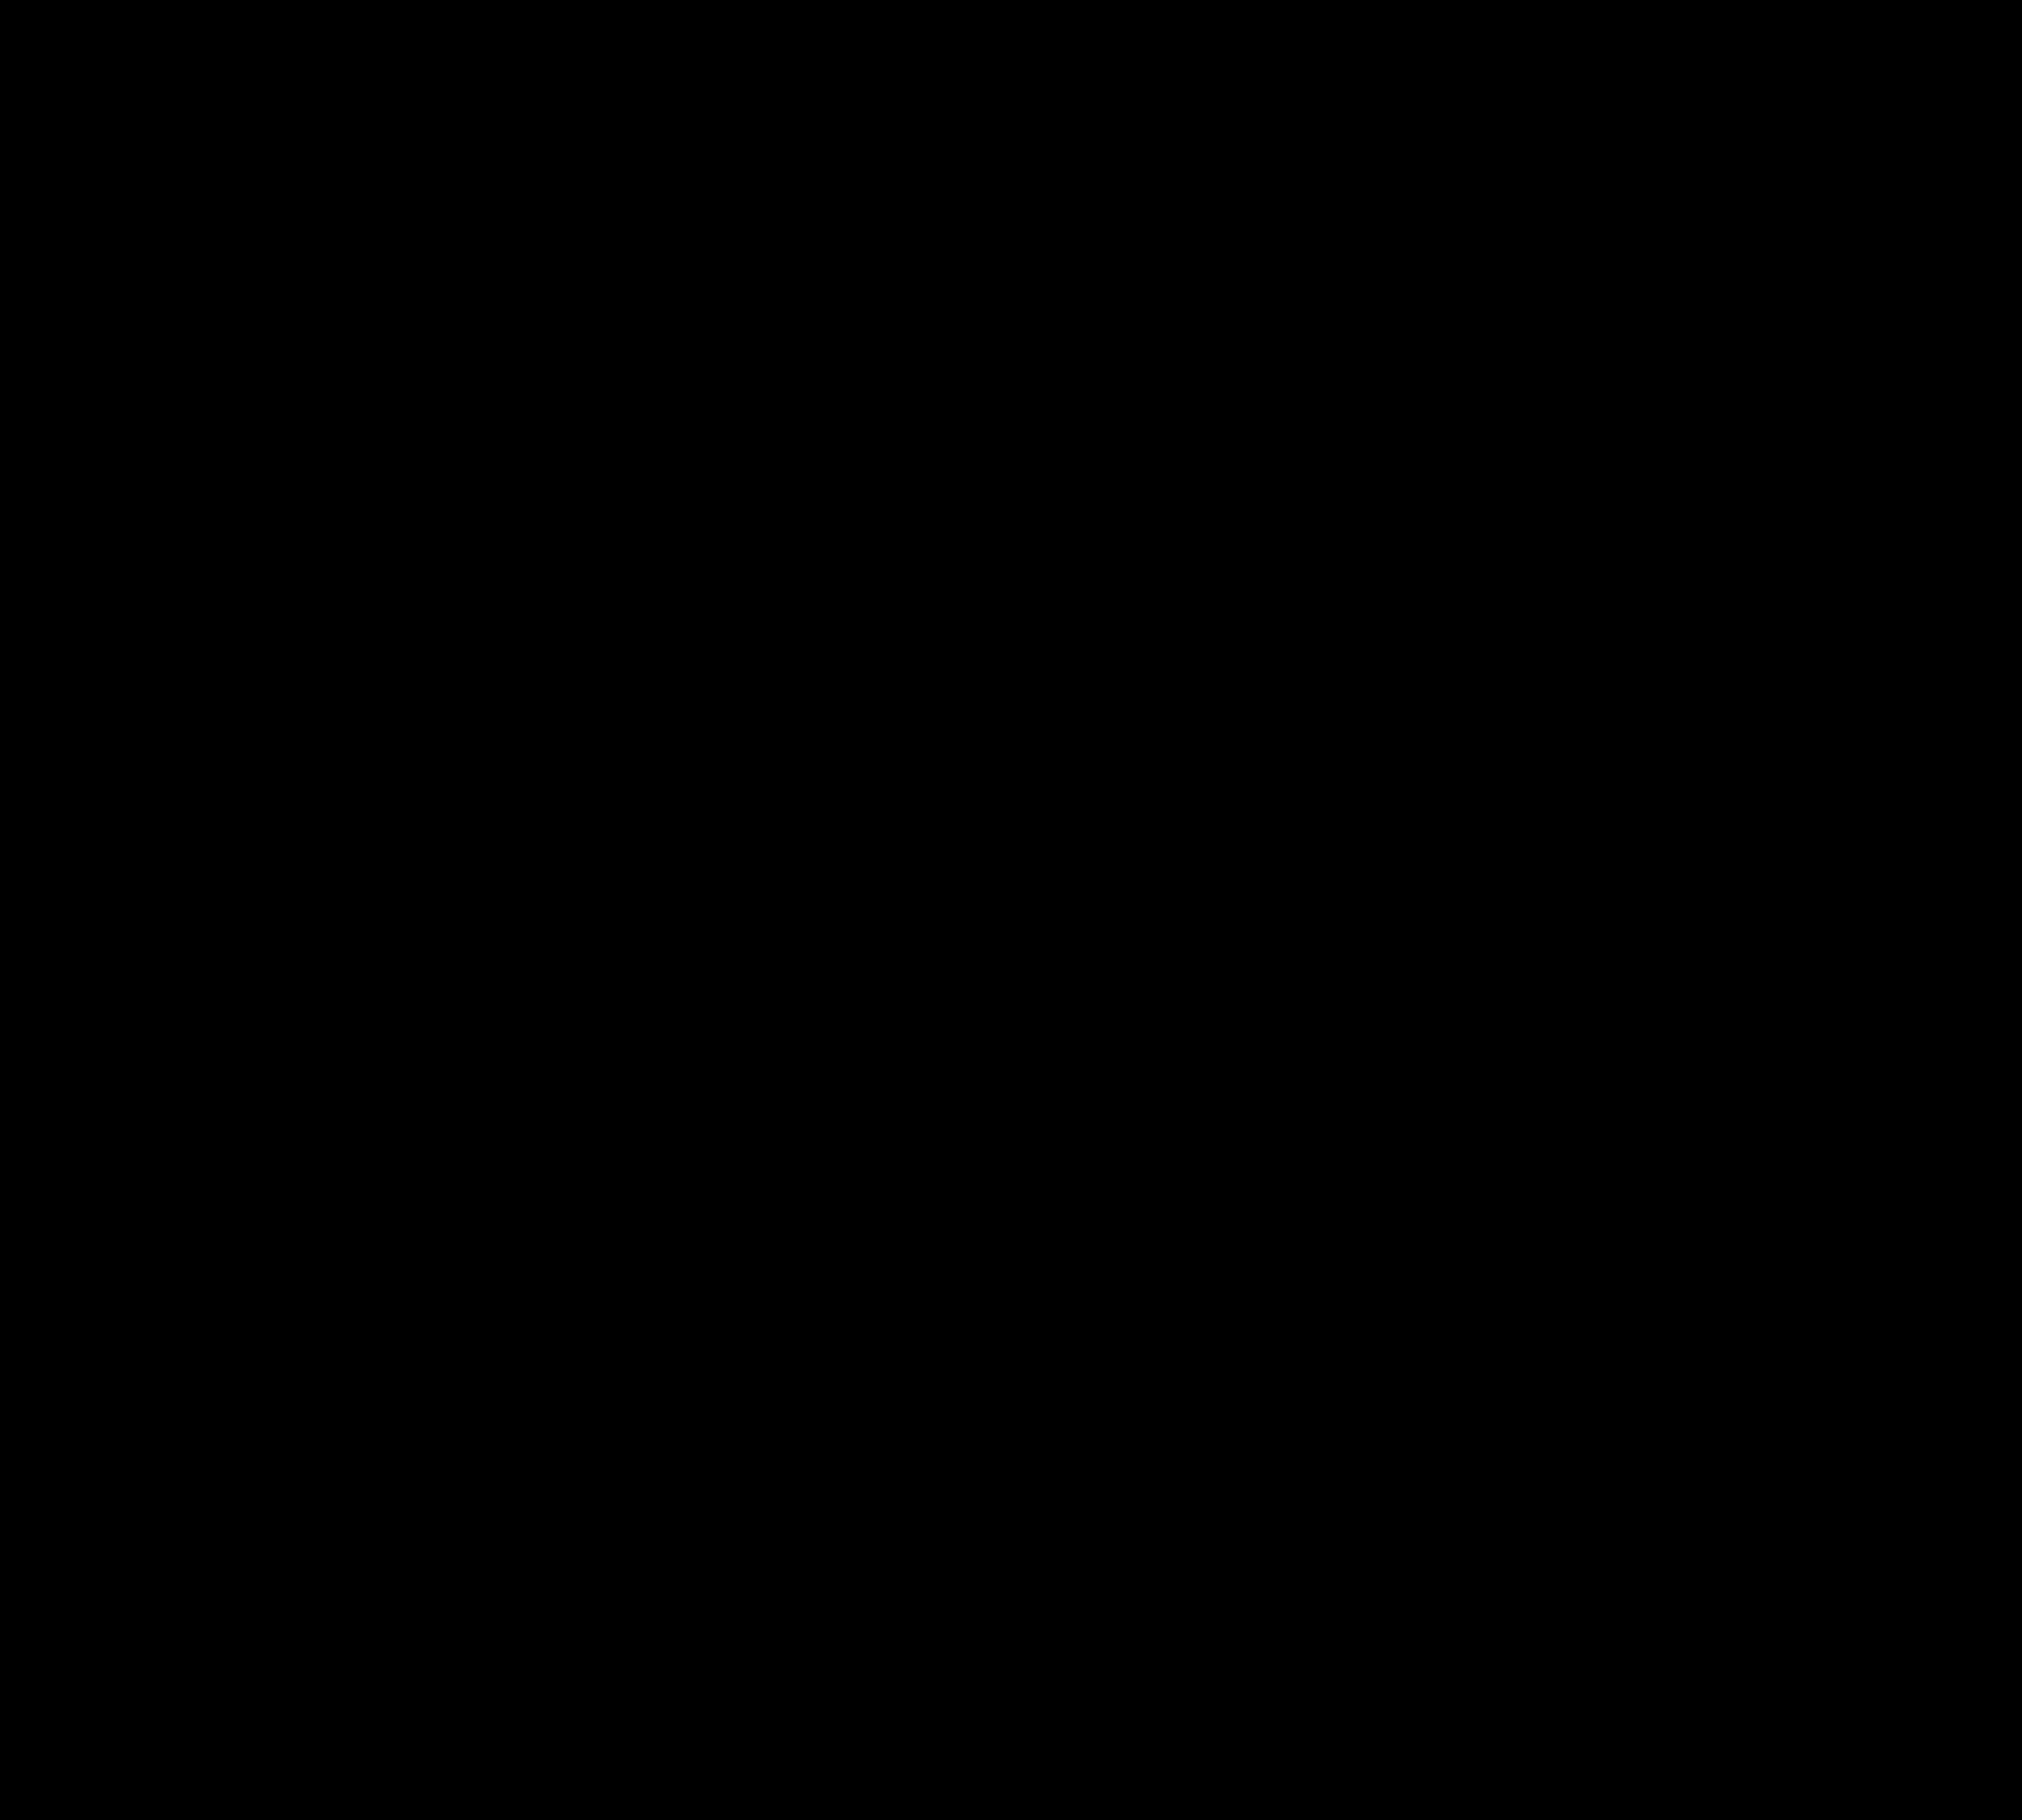 الرئيس الفرنسي إيمانويل ماكرون ونظيره التركي رجب طيب أردوغان  (أرشيفية- فرانس برس)